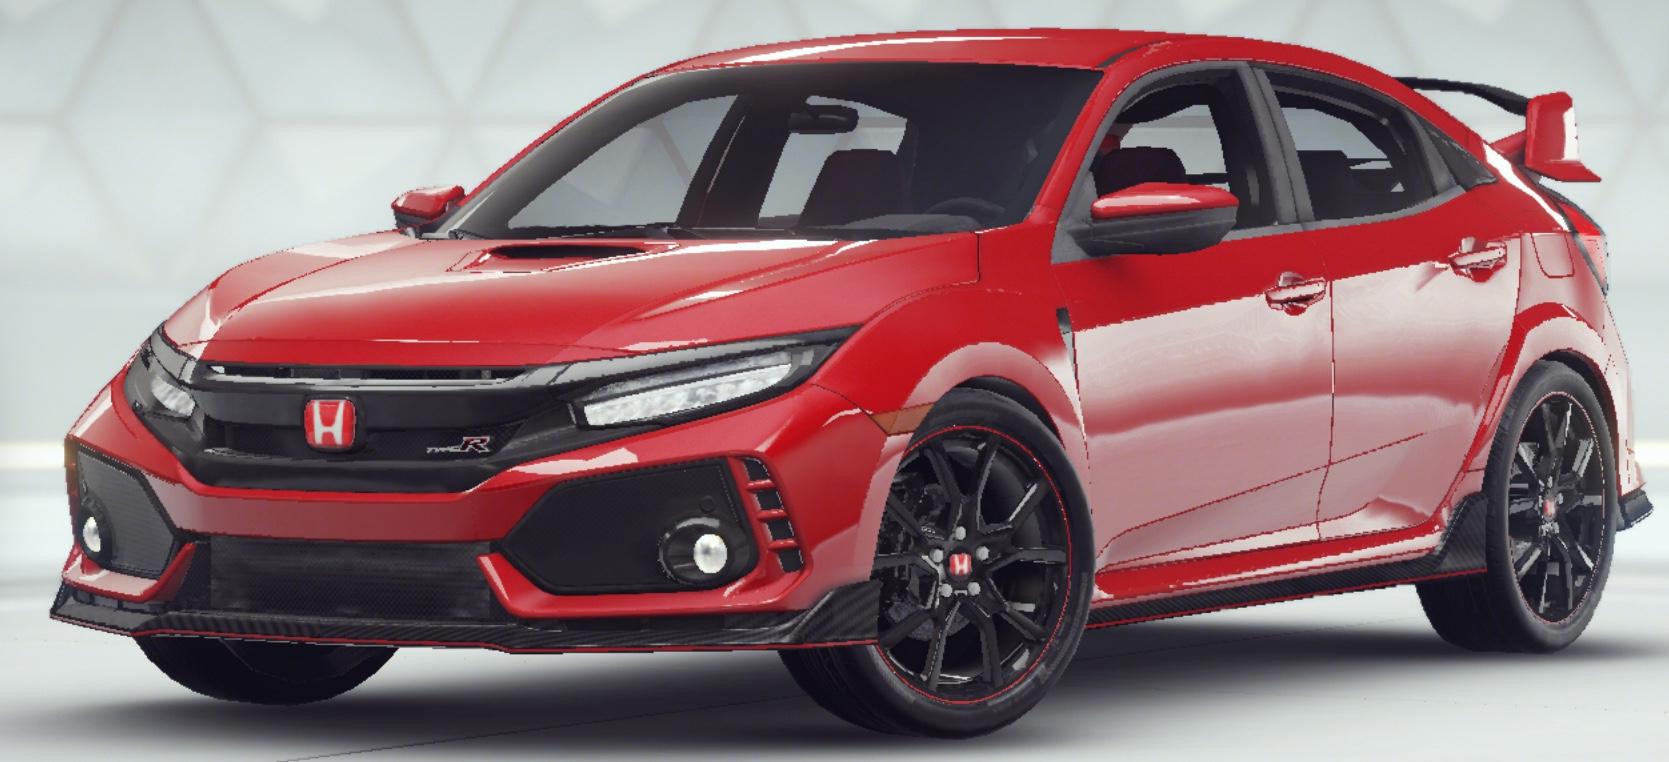 Kelebihan Kekurangan Honda Civic Fk8 Spesifikasi